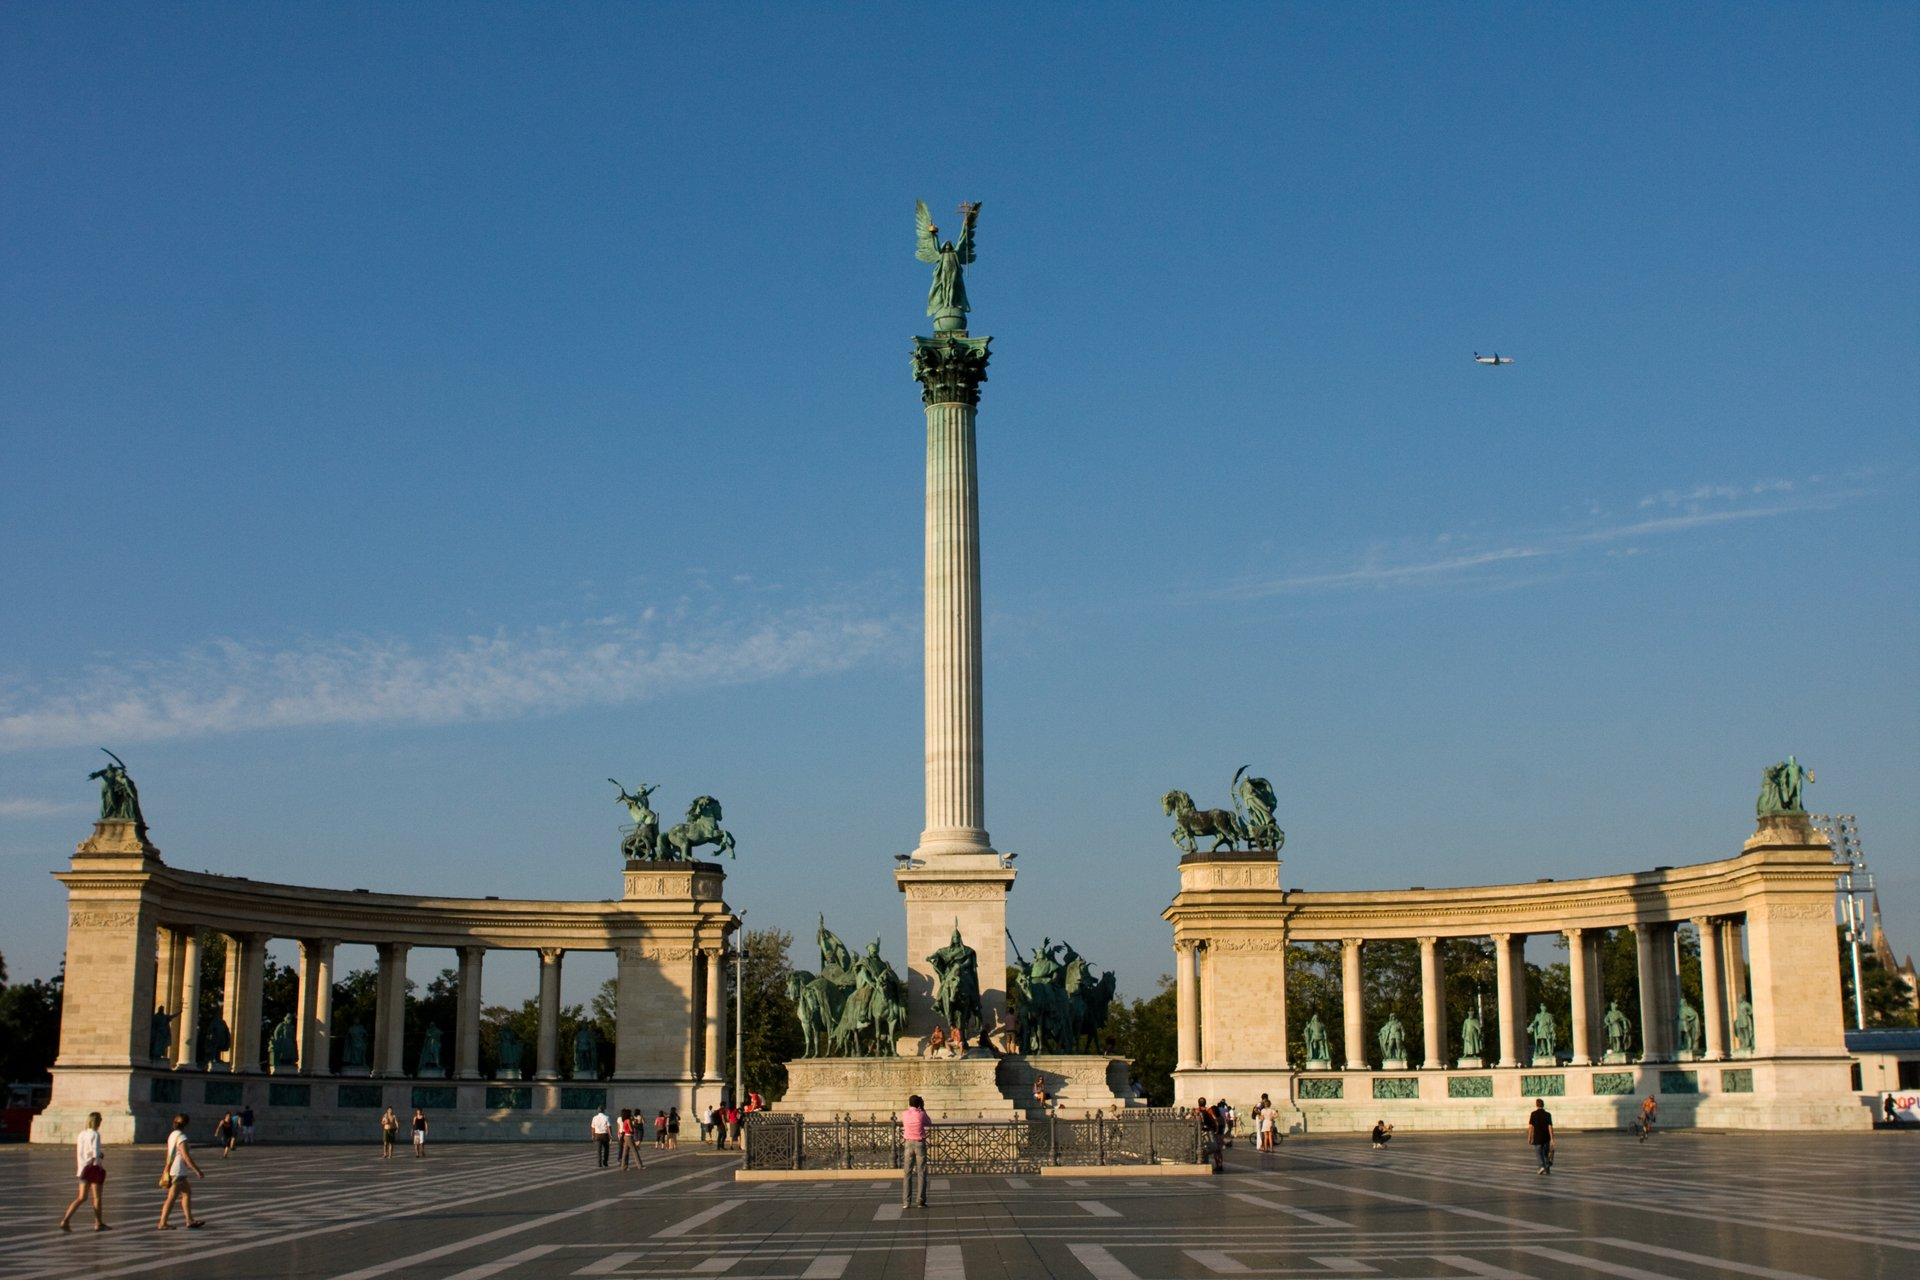 Pomnik tysiąclecia na Placu Bohaterów w Budapeszcie